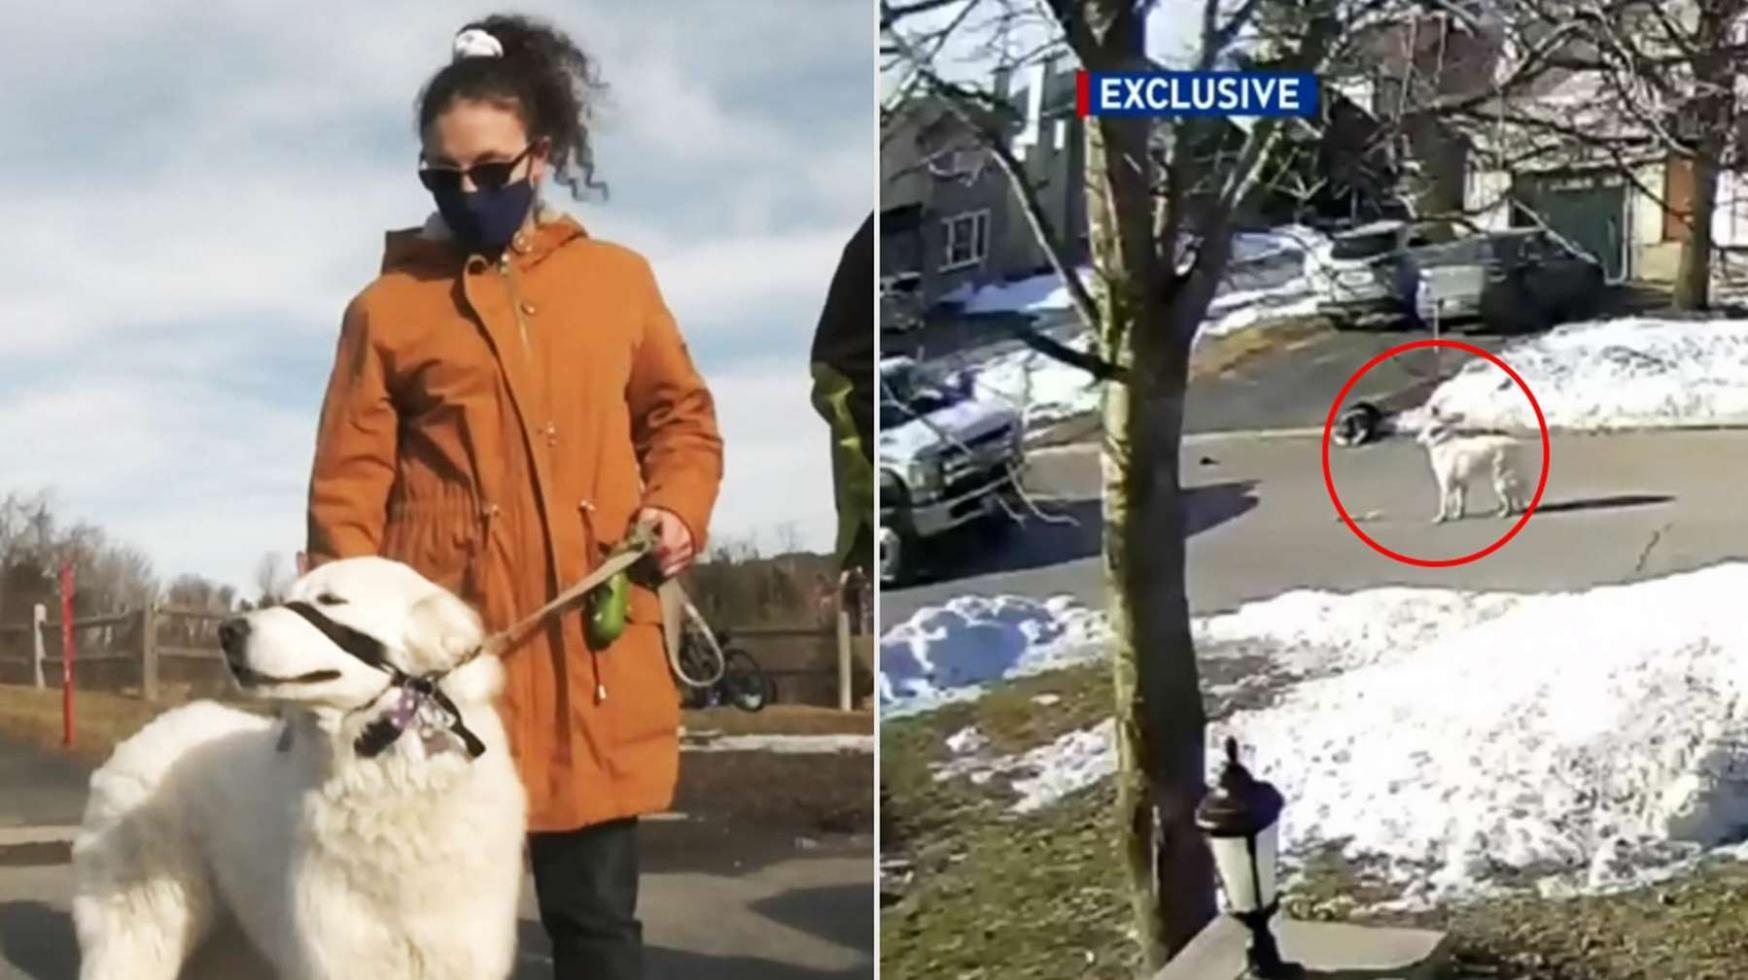 加拿大女子遛狗时突然倒地失去意识 忠犬立即跑到街上拦车成功救命